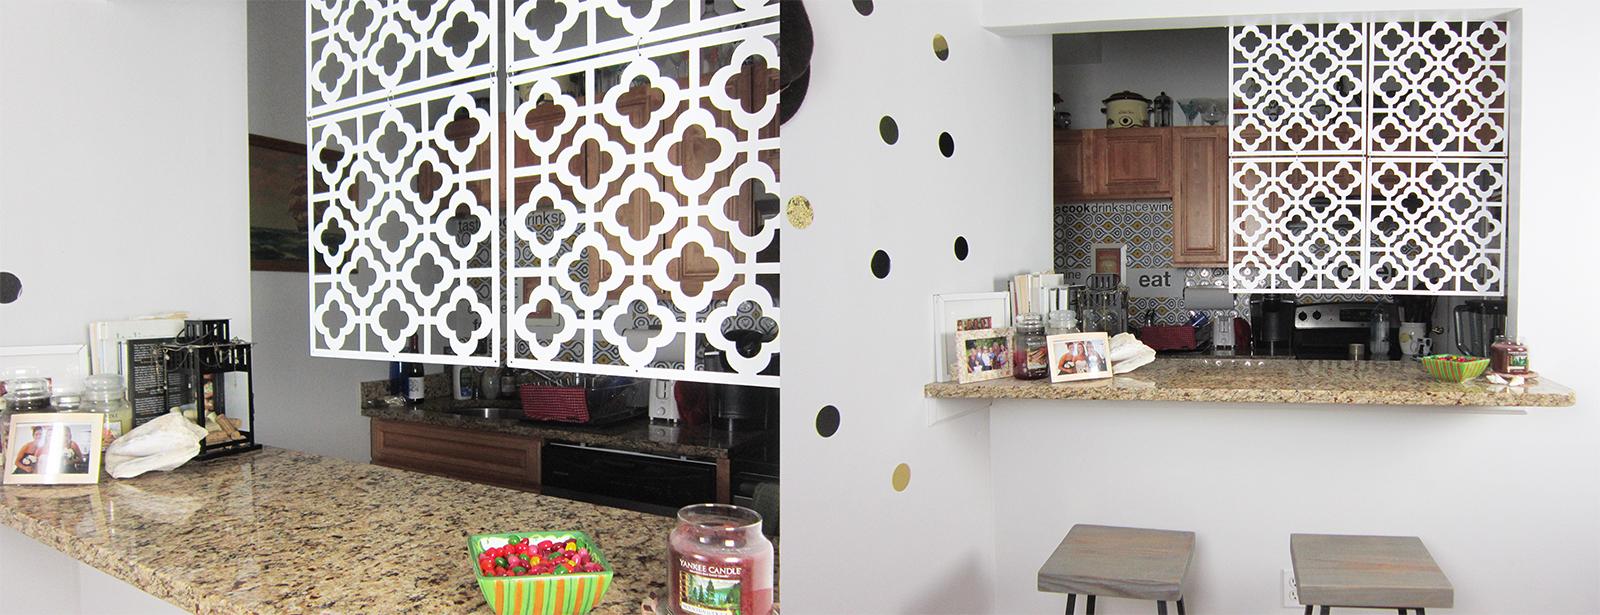 honeycomb room panels